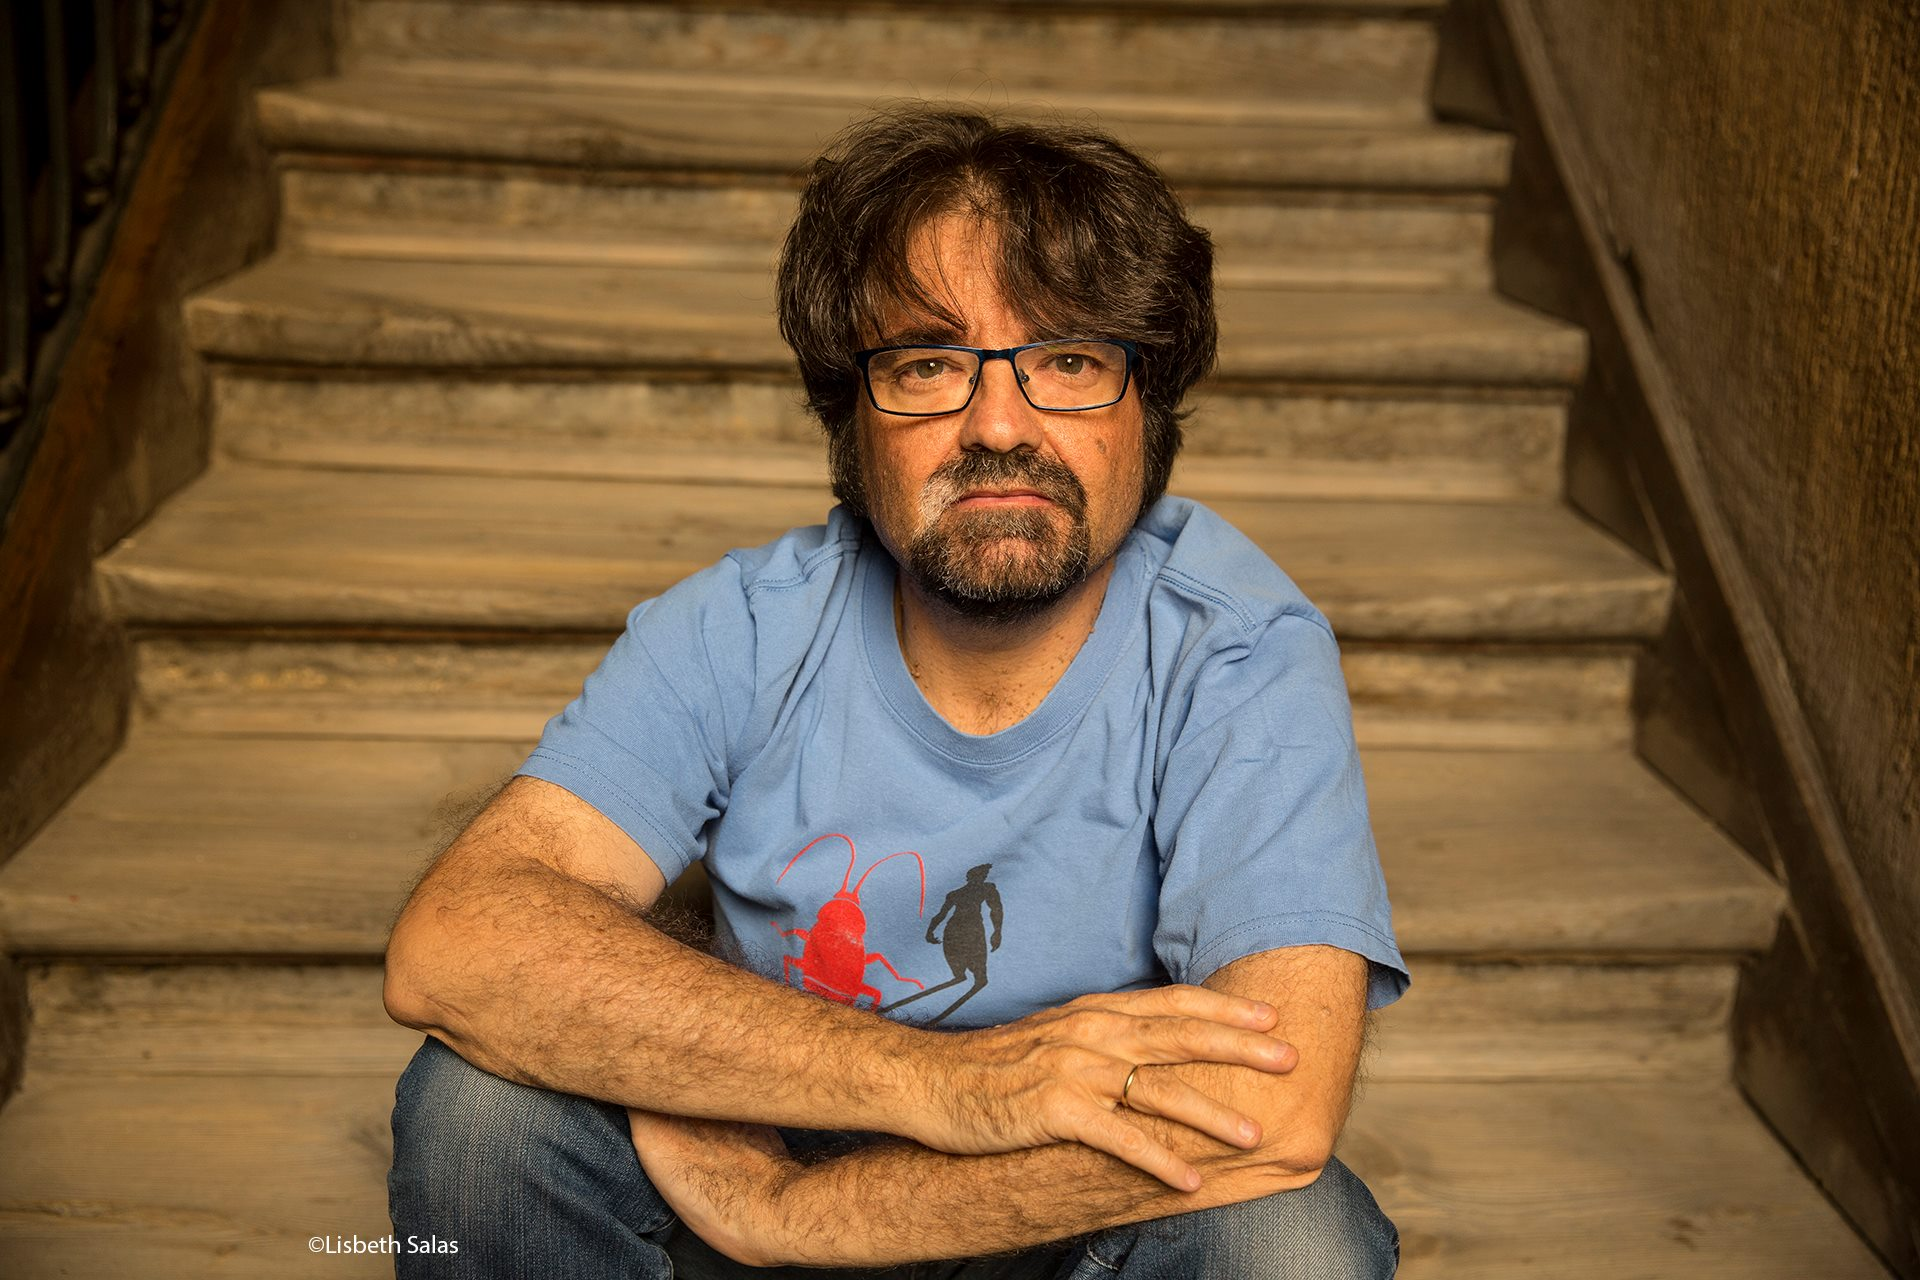 Juan Casamayor, editor madrileño y fundador de Páginas de Espuma. Sentado en las escaleras de madera de algún recinto.